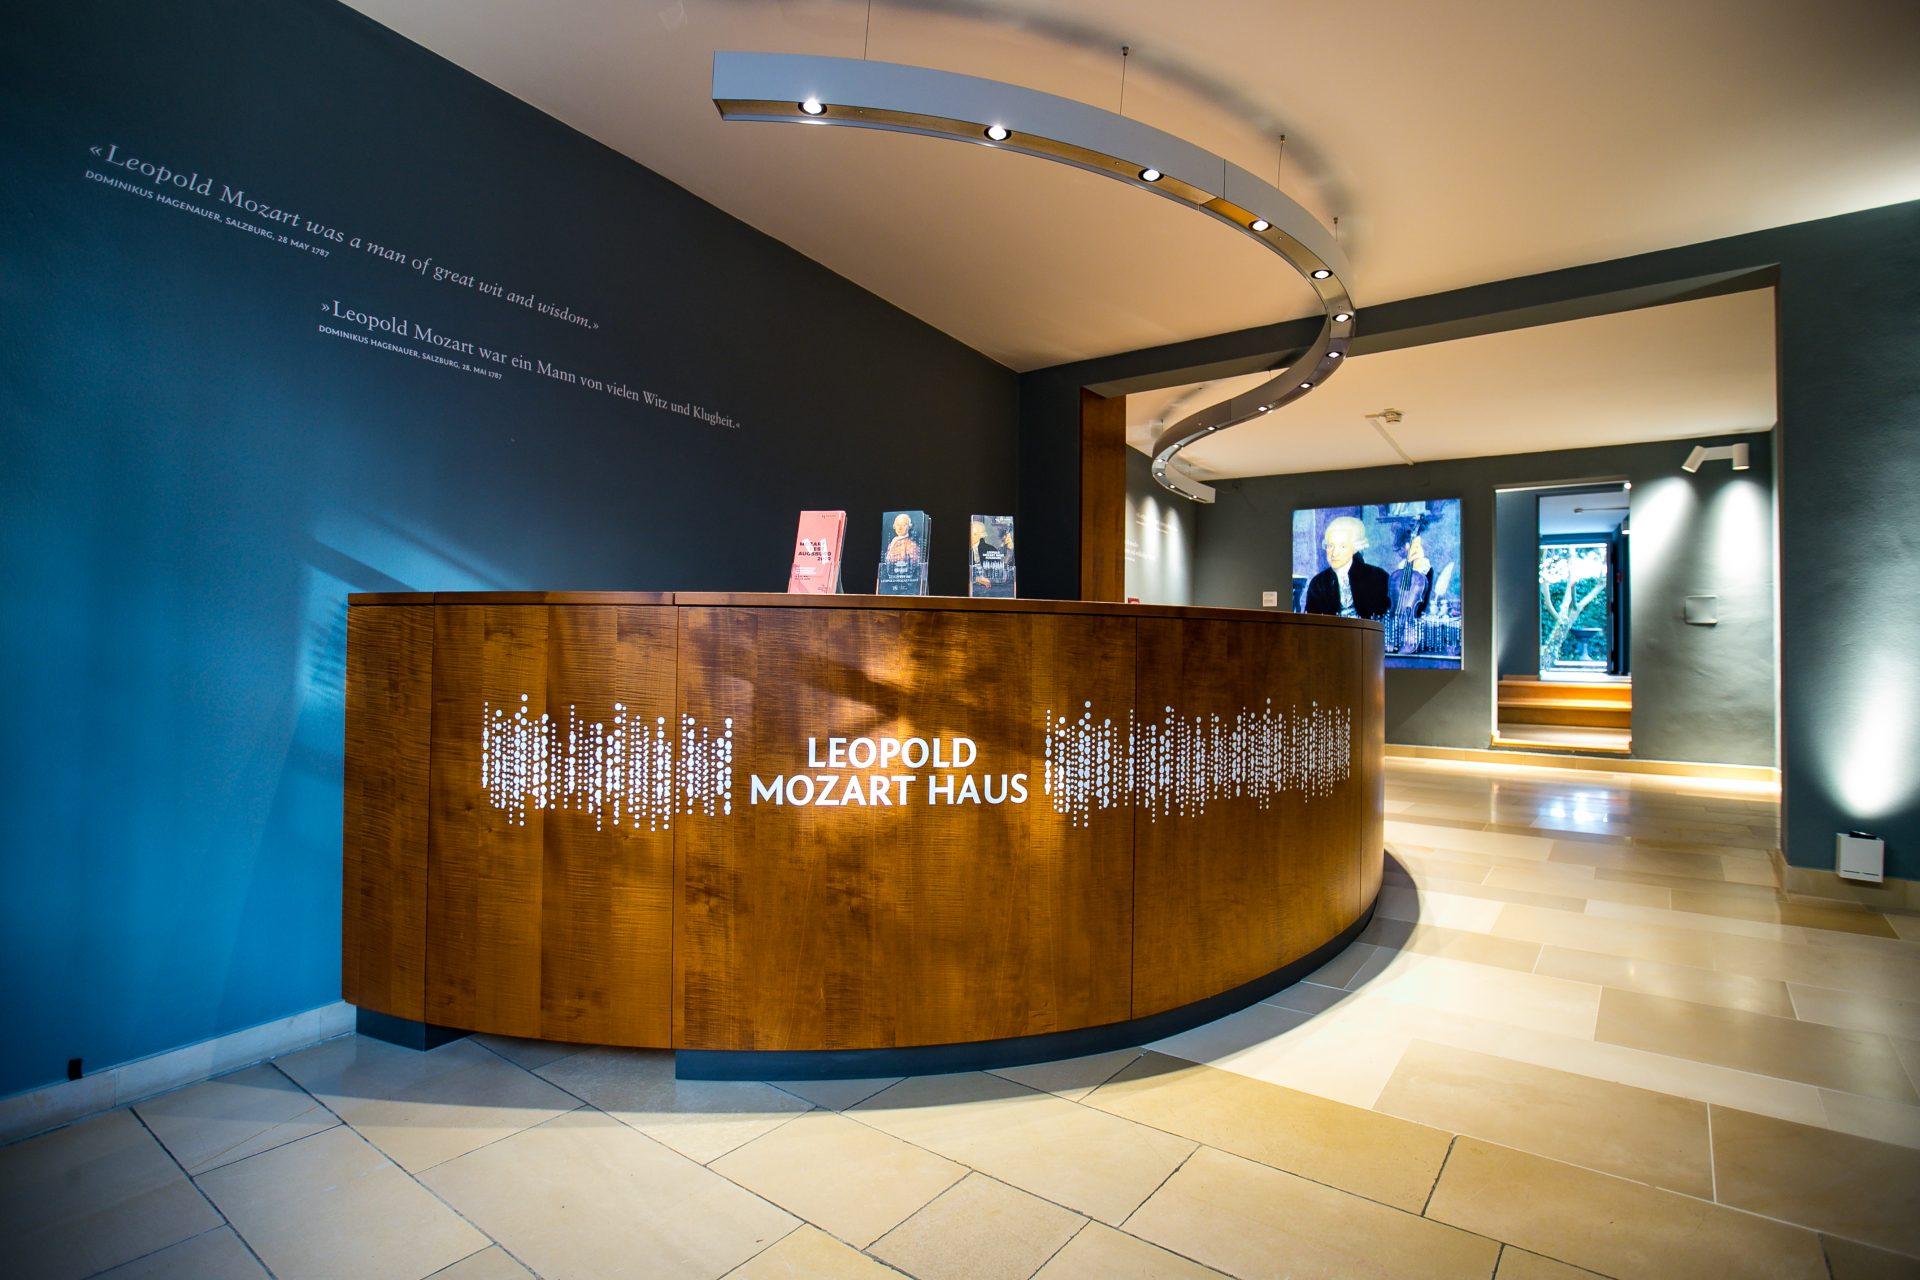 Das Foyer im Leopold Mozart Haus